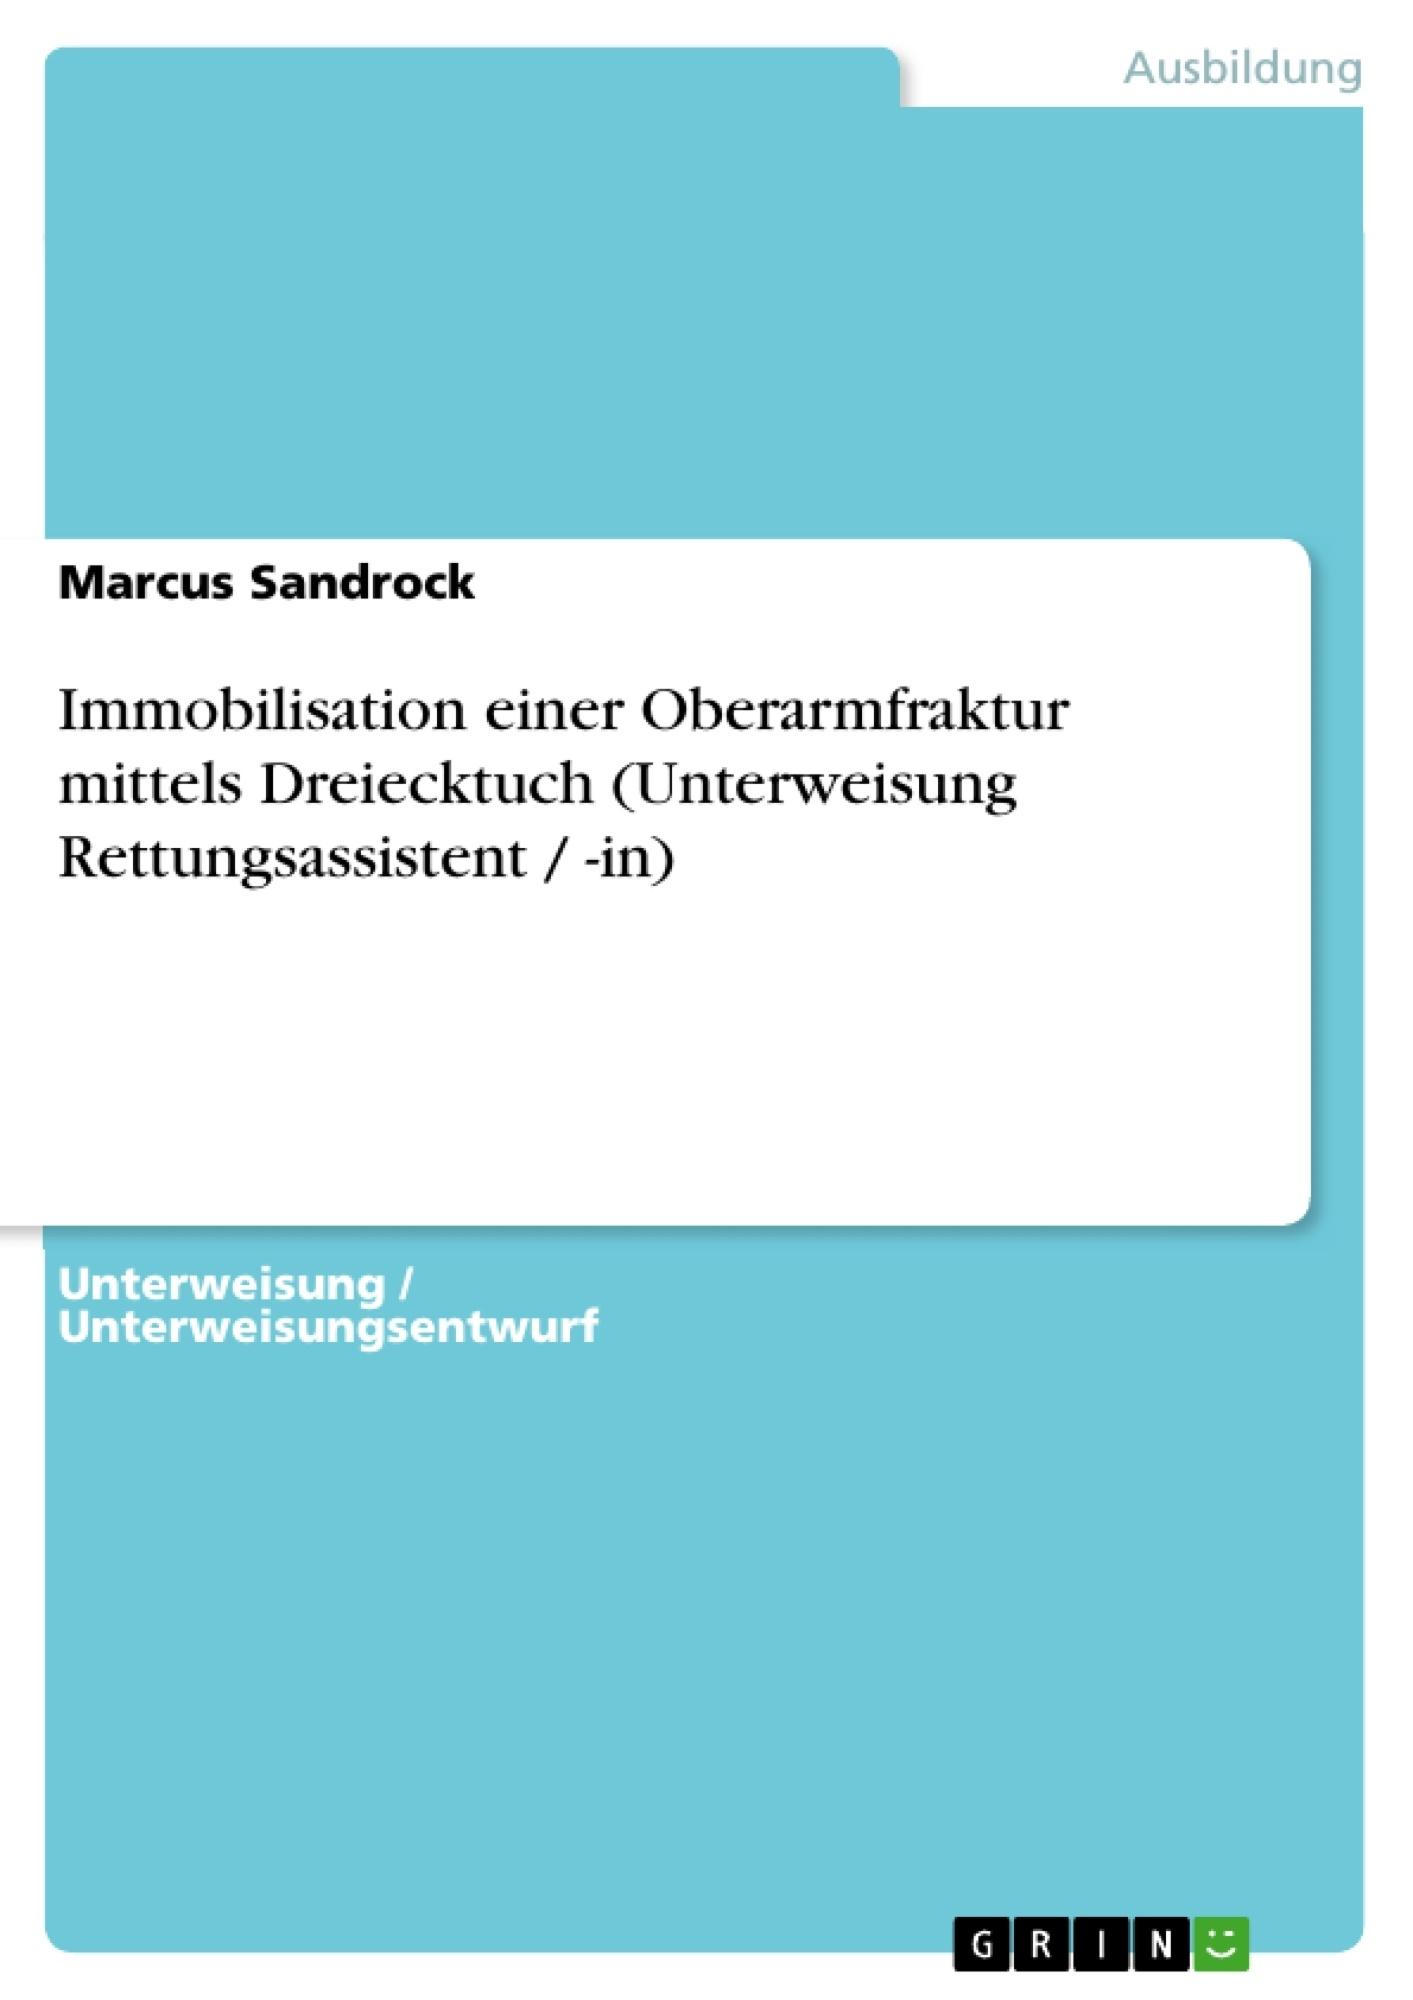 Titel: Immobilisation einer Oberarmfraktur mittels Dreiecktuch (Unterweisung Rettungsassistent / -in)